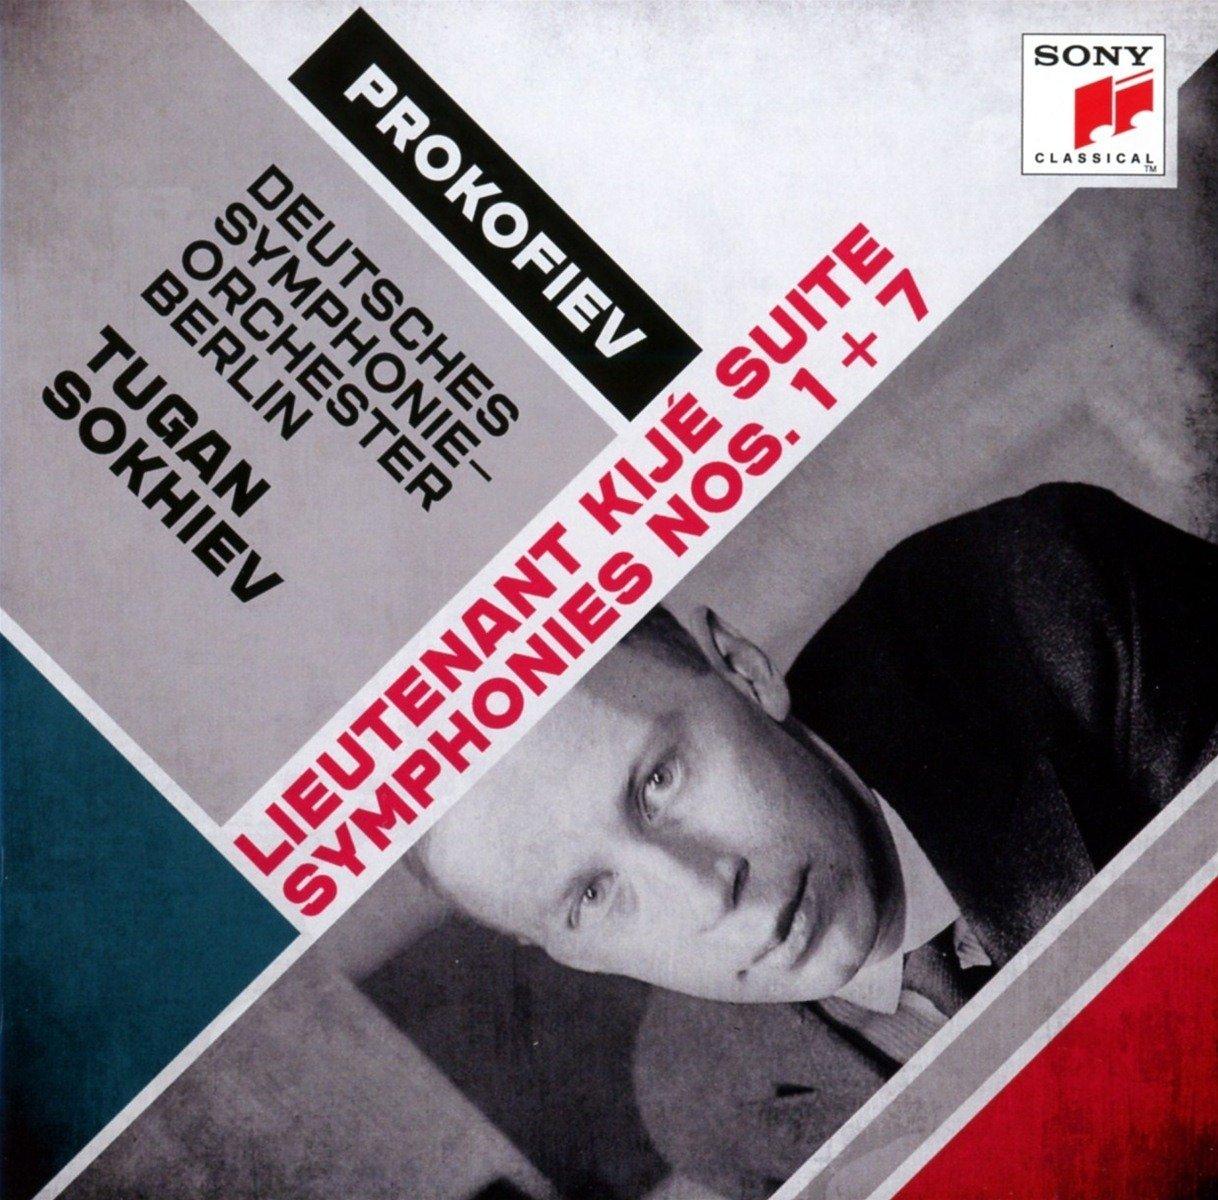 Prokofiev: Symphonies Nos 1-7/Lieutenant Kijé